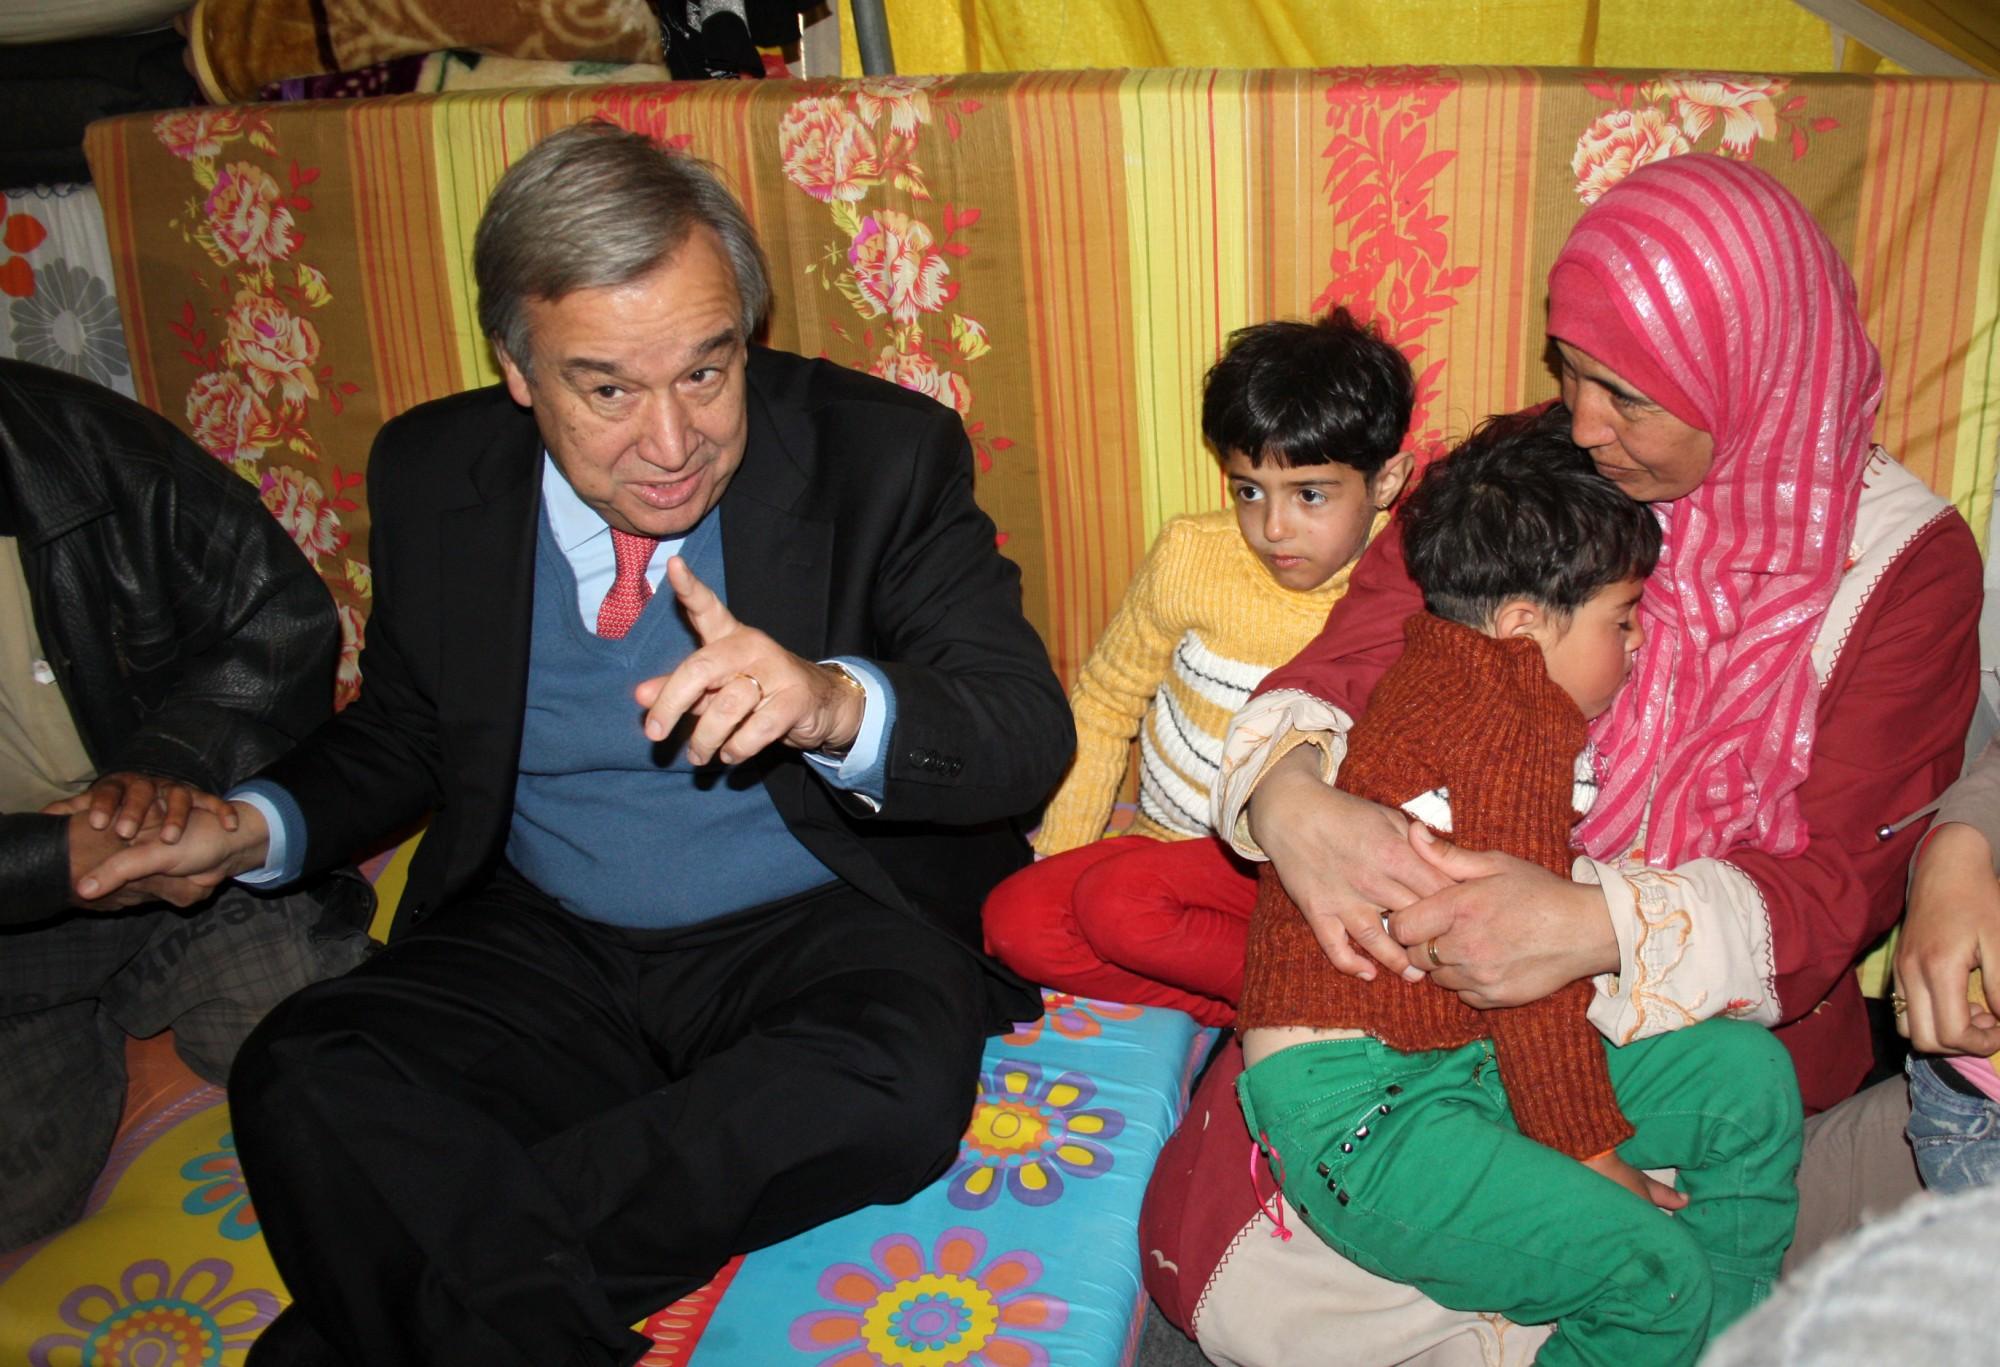 Верховный комиссар ООН по делам беженцев Антониу Гуттериш посещал лагеря беженцев и одинаково активно работал как «в поле», так и за столом переговоров. Источник https://euromag.ru/